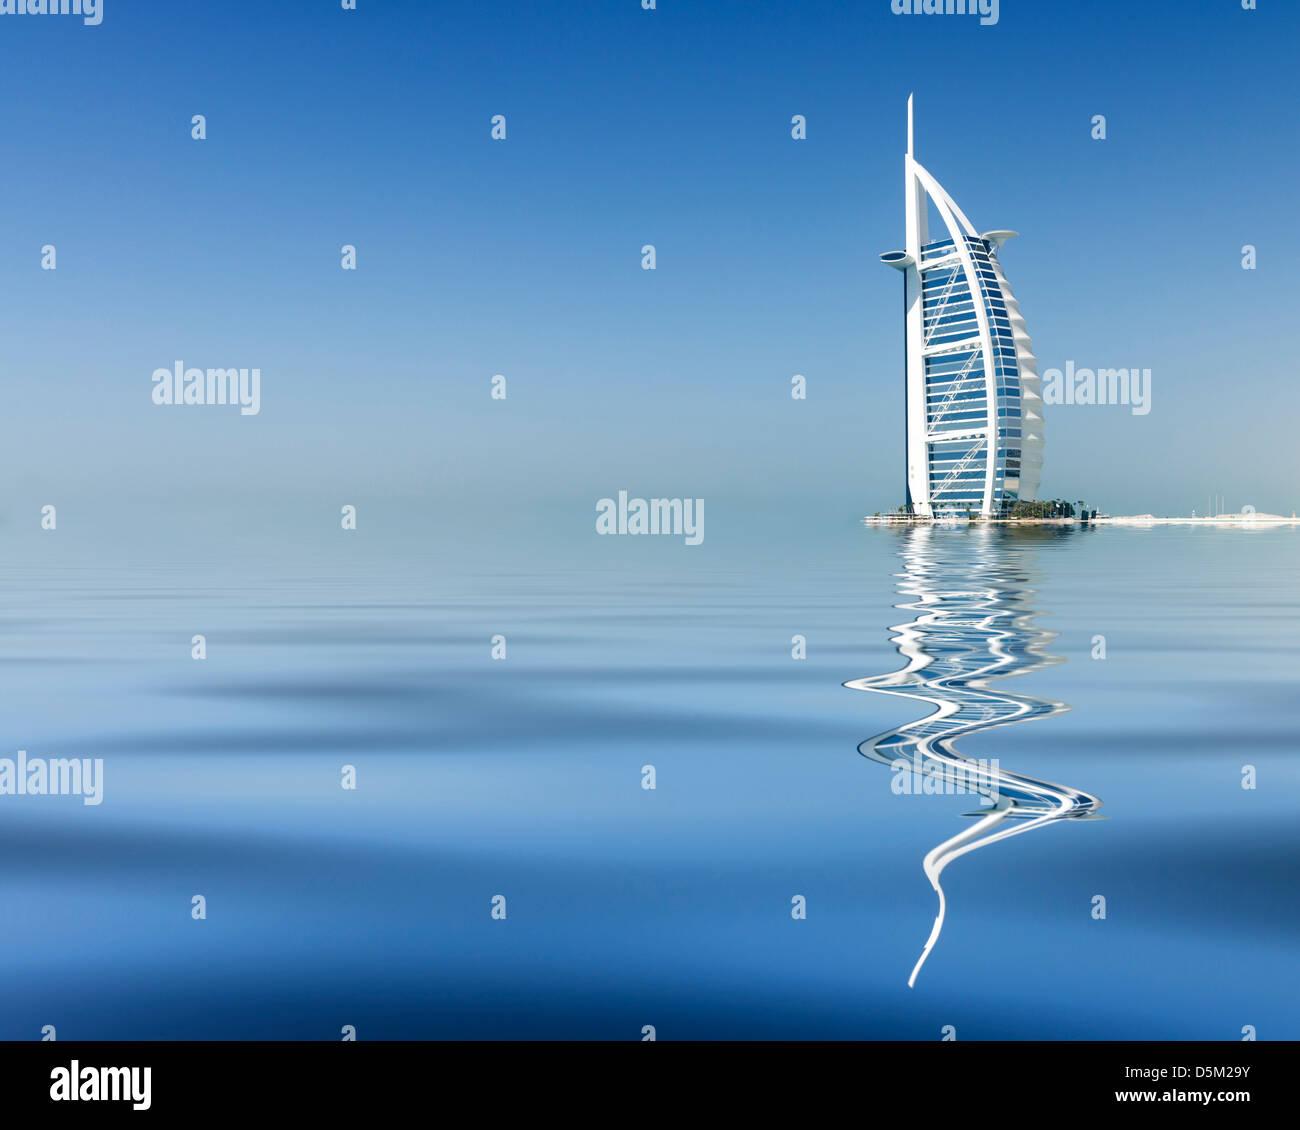 La riflessione di lusso Burj al Arab Hotel sul fronte spiaggia in Dubai Emirati Arabi Uniti EMIRATI ARABI UNITI Immagini Stock